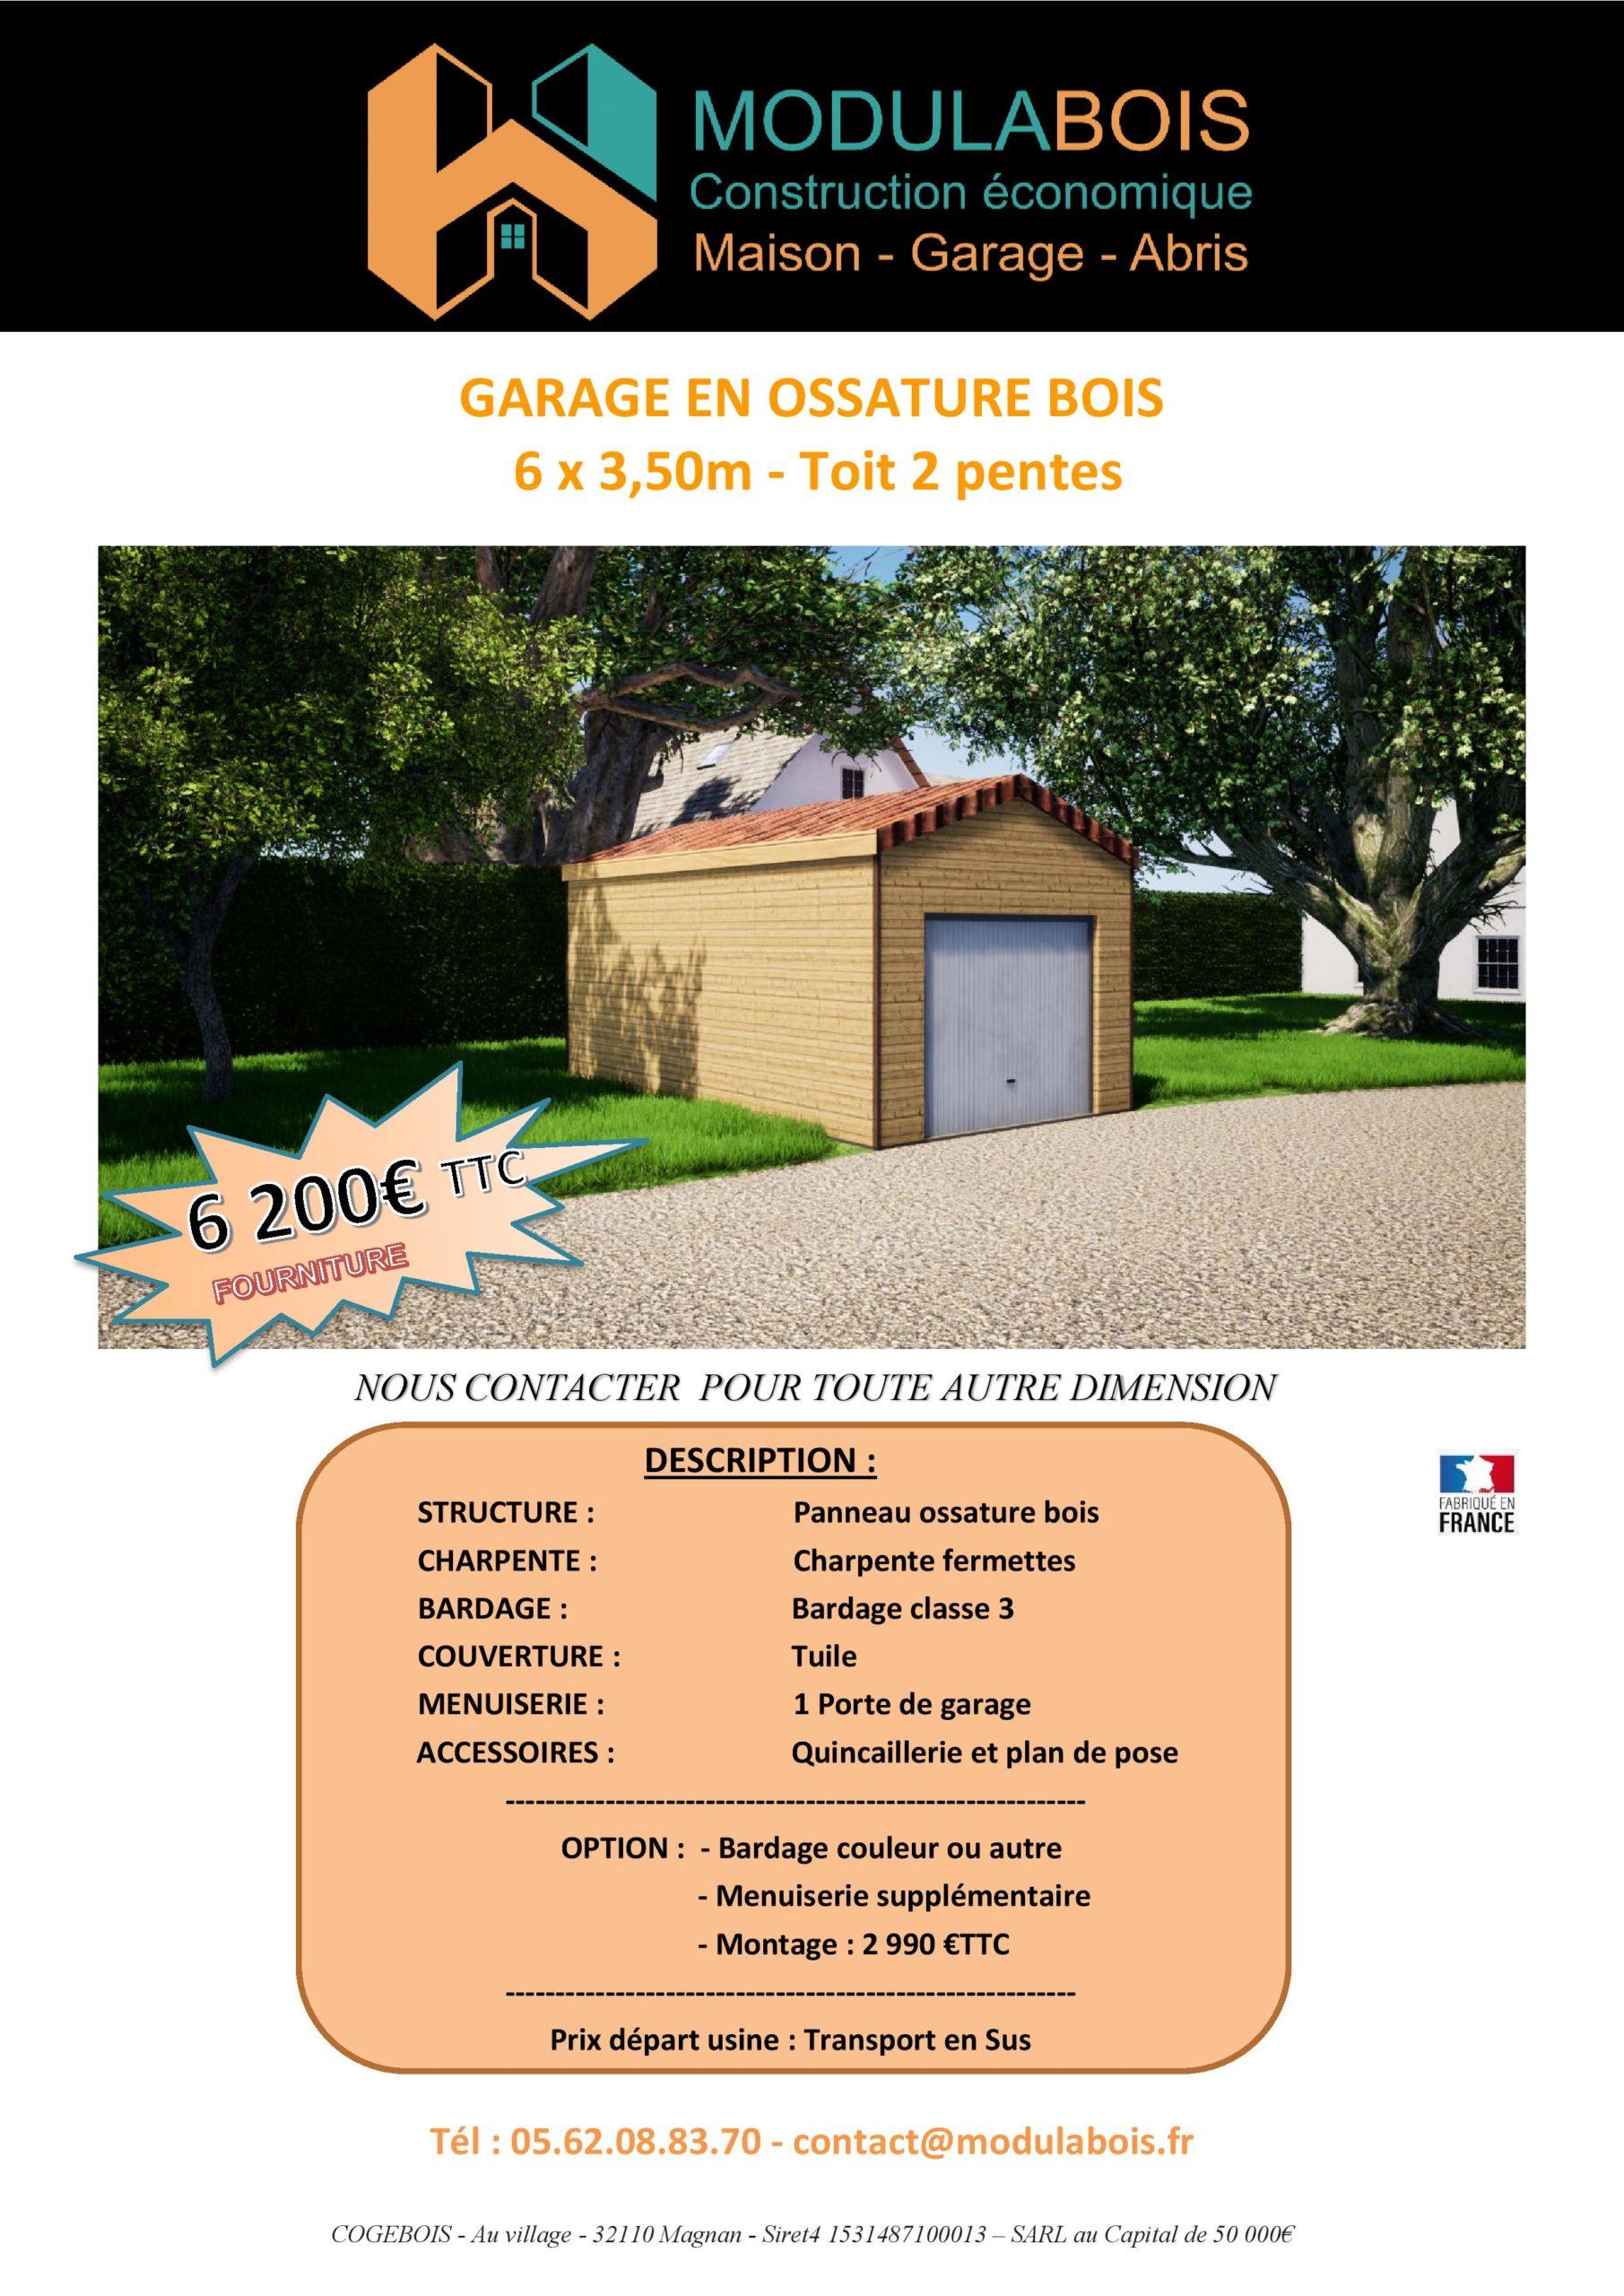 Garage en ossature bois, toit en tuile double pentes, 21m²_ 6200€ ttc